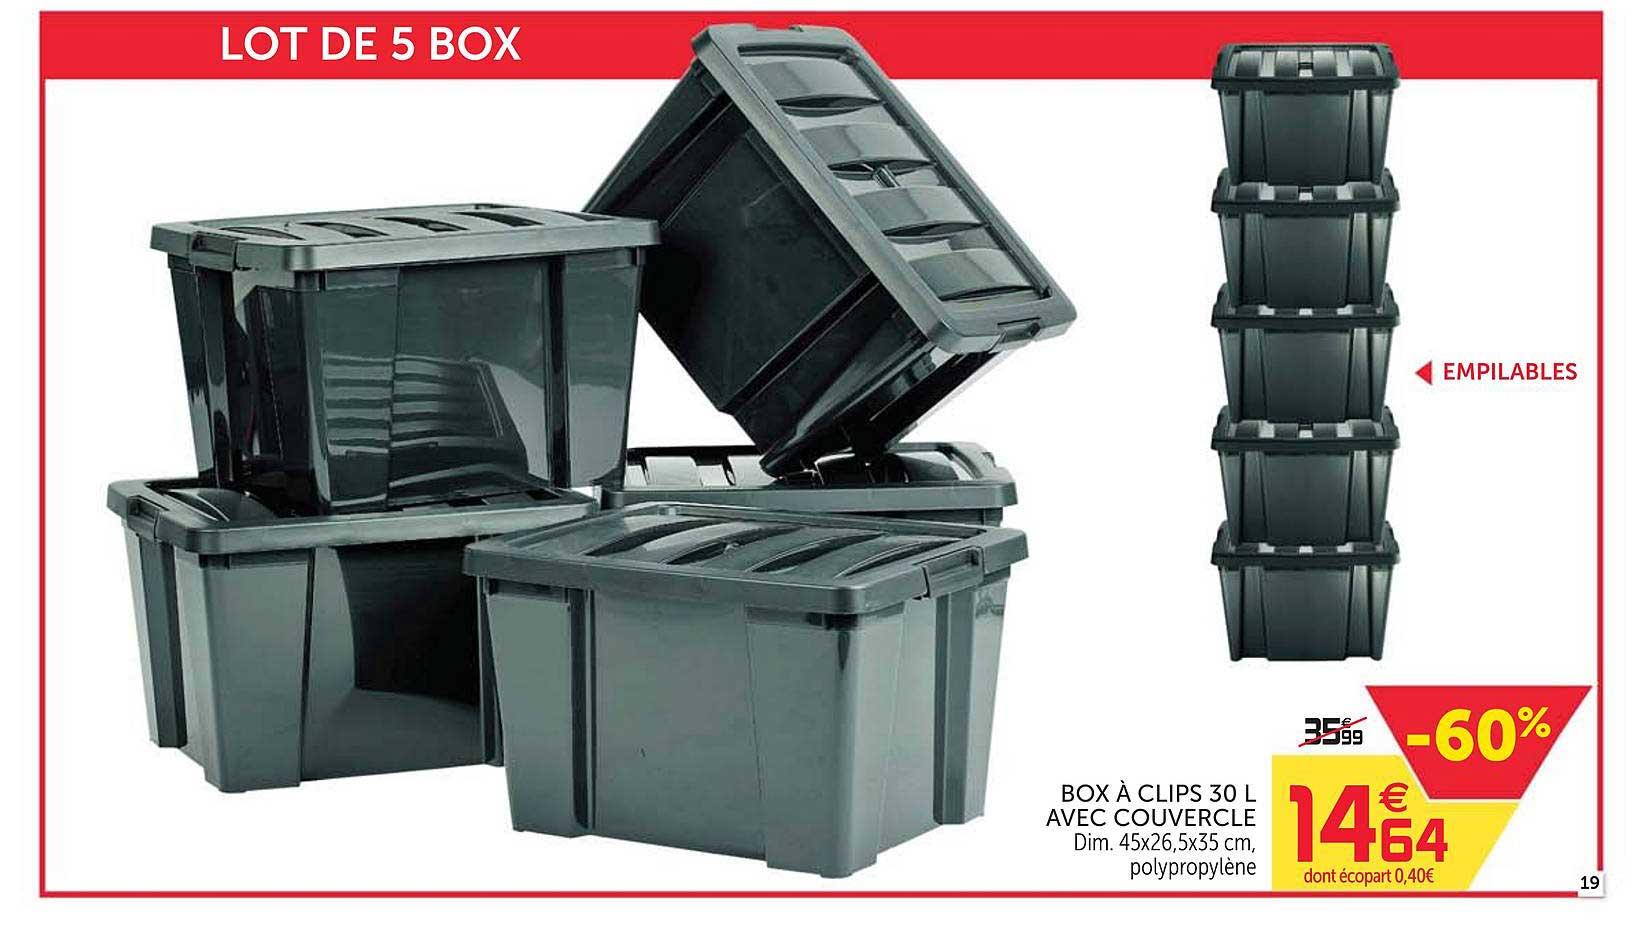 Offre Box A Clips 30 L Avec Couvercle Chez Gifi